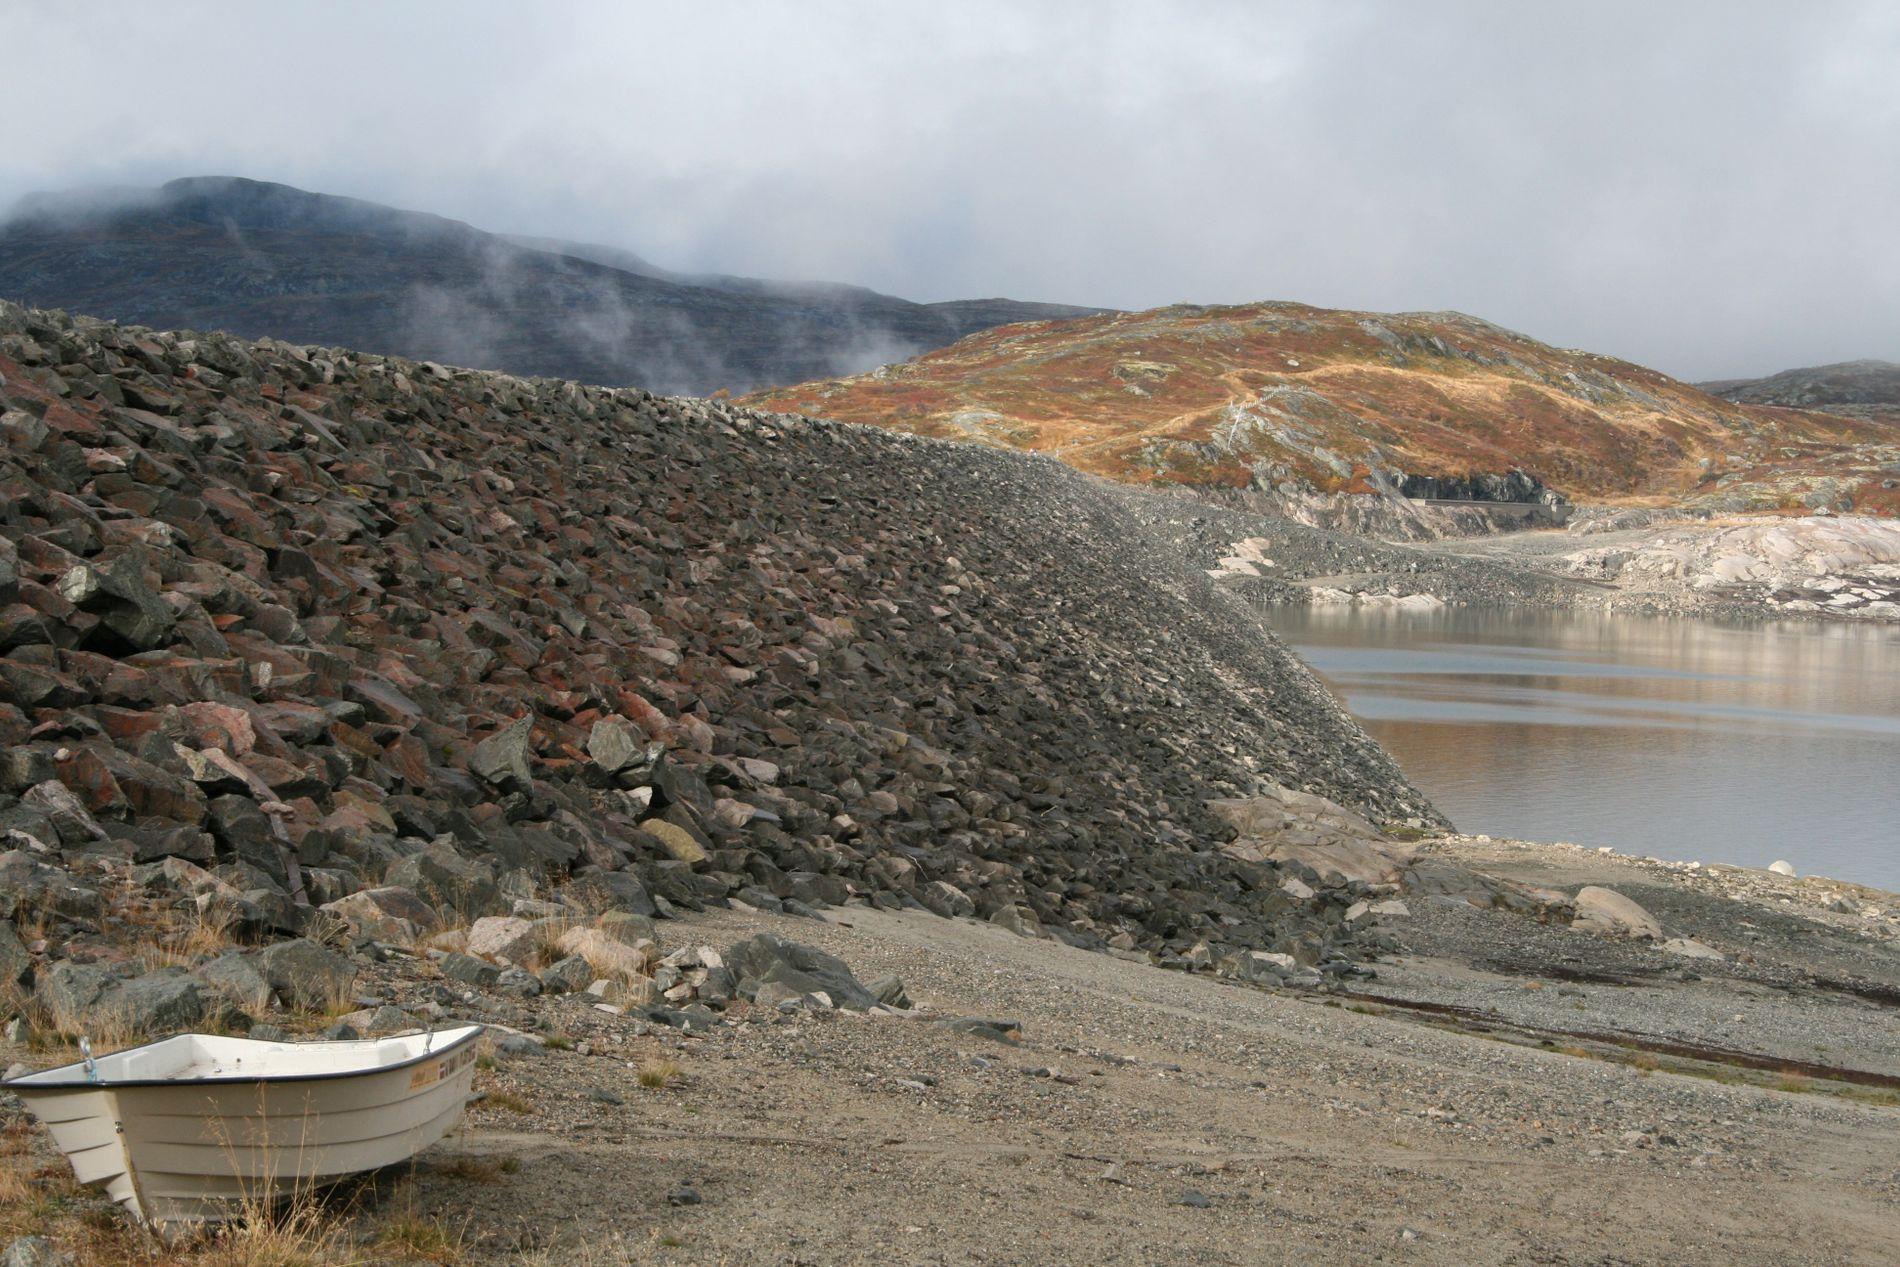 TØRKEÅR: Sysedammen i Eidjord, som er vannreservoar for Statkraft, har lav vannstand i år.